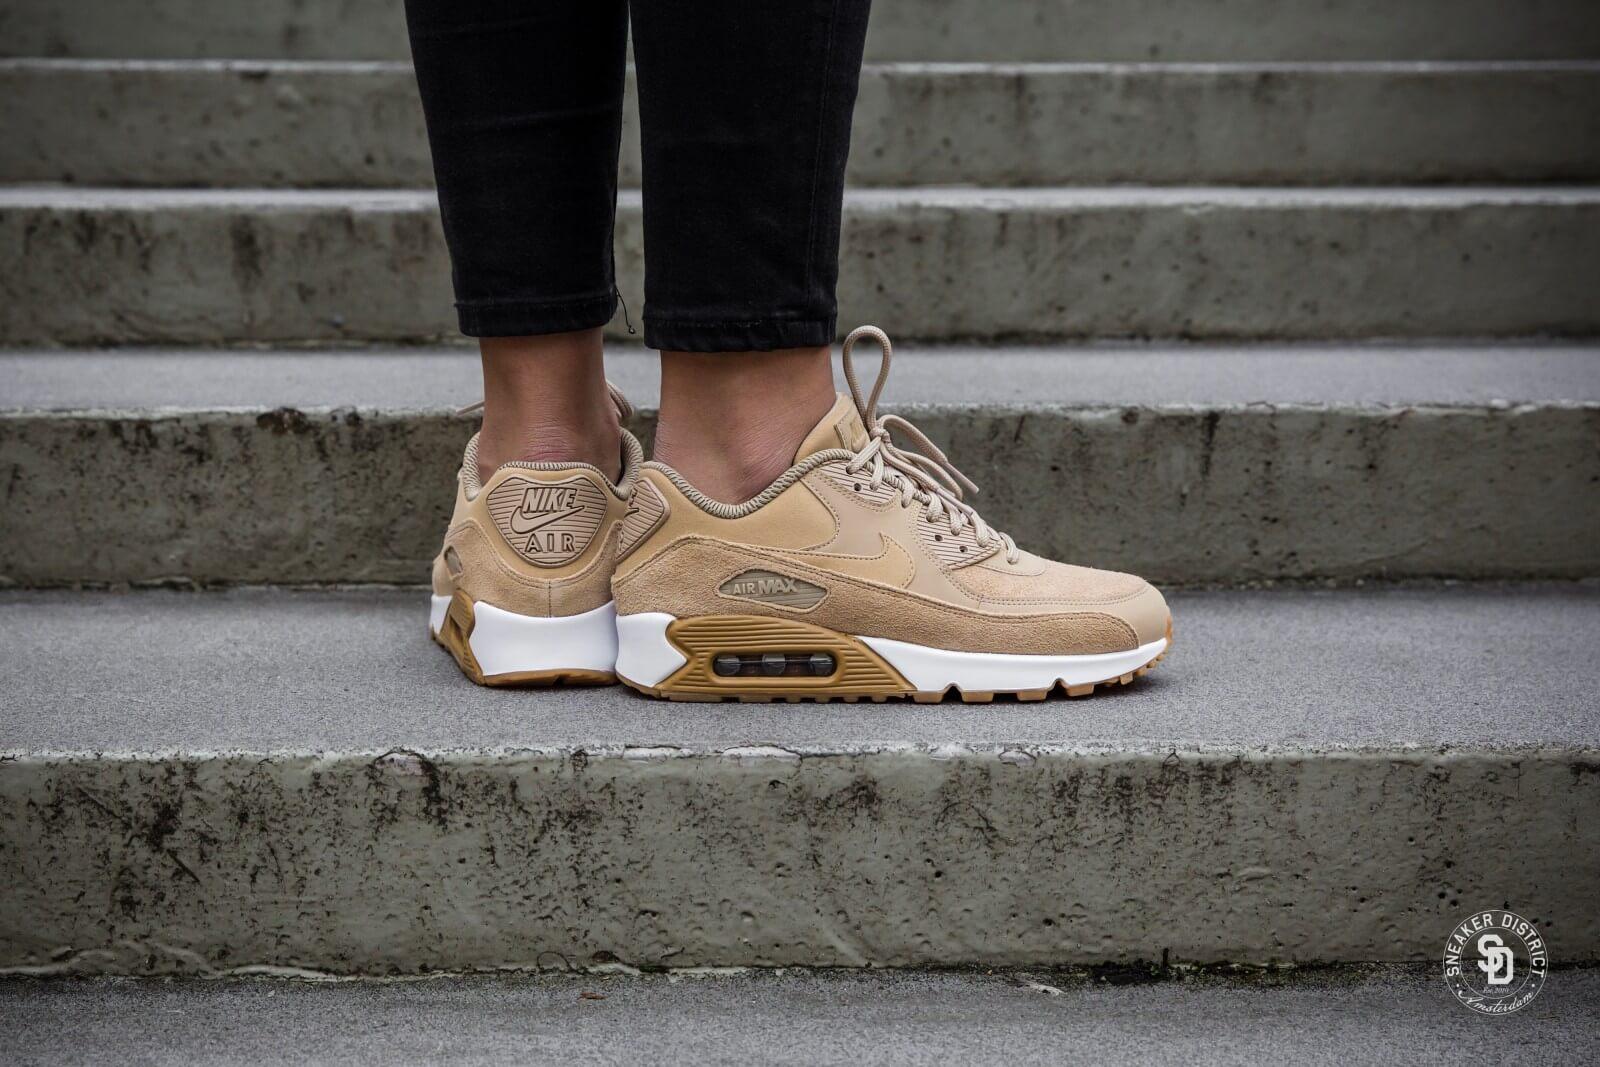 chaussure nike air max 90 femme se mushroom gum